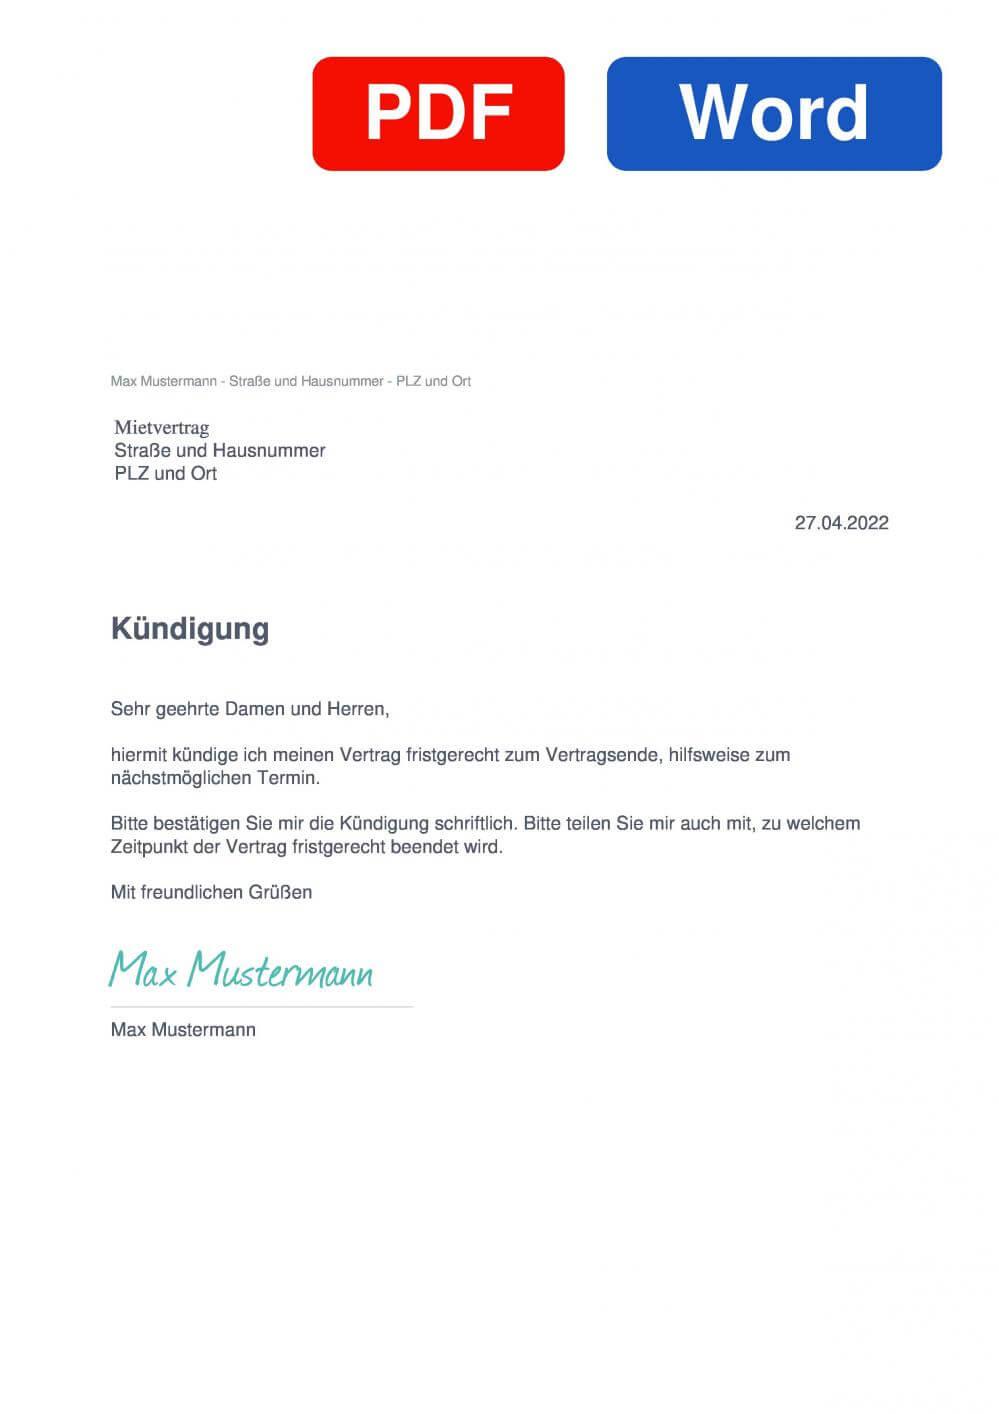 Mietvertrag Muster Vorlage für Kündigungsschreiben